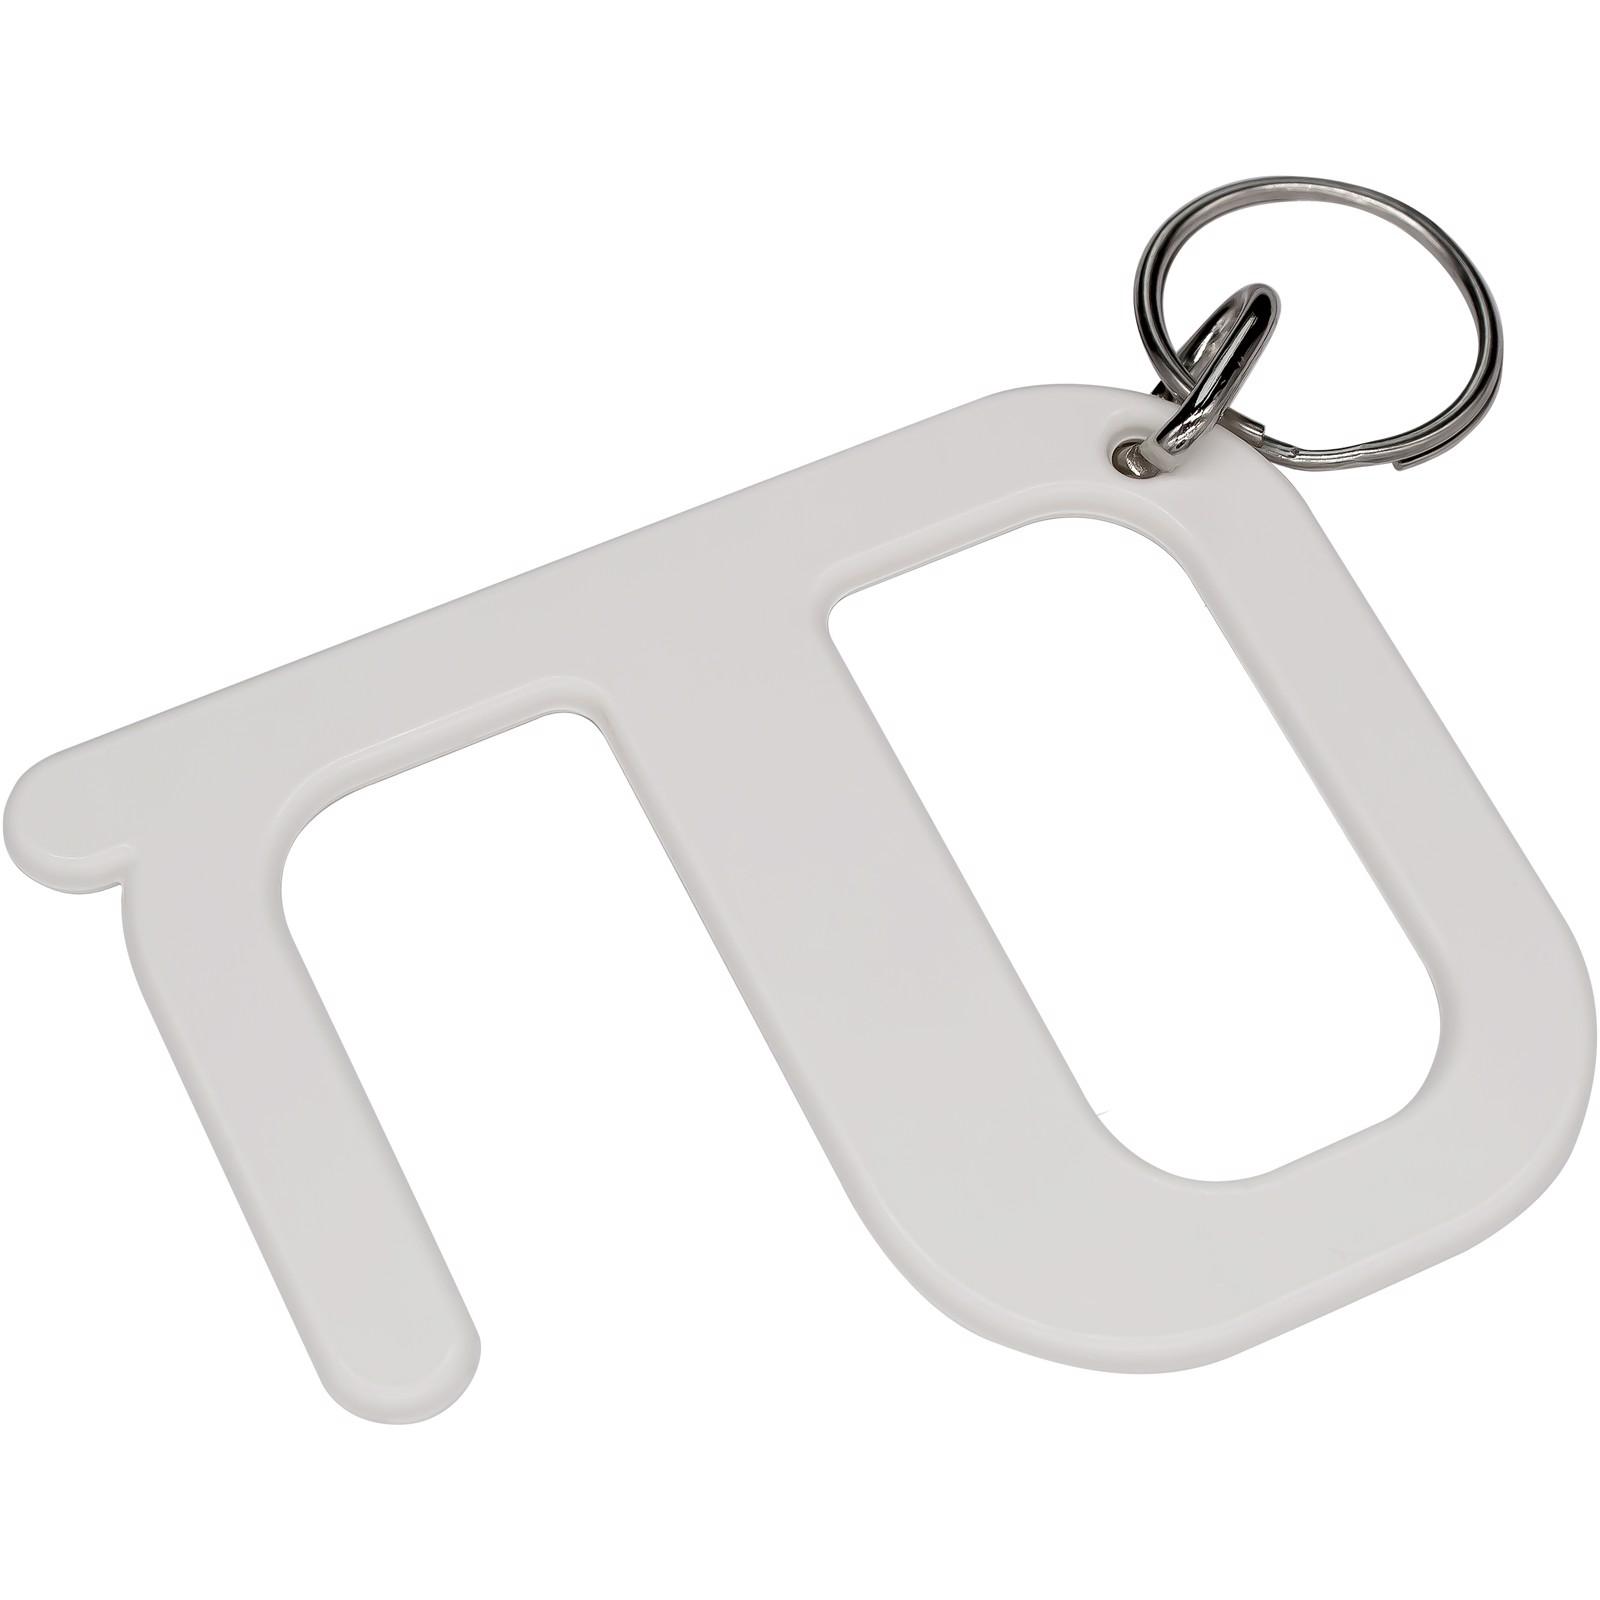 Hygiene key - White